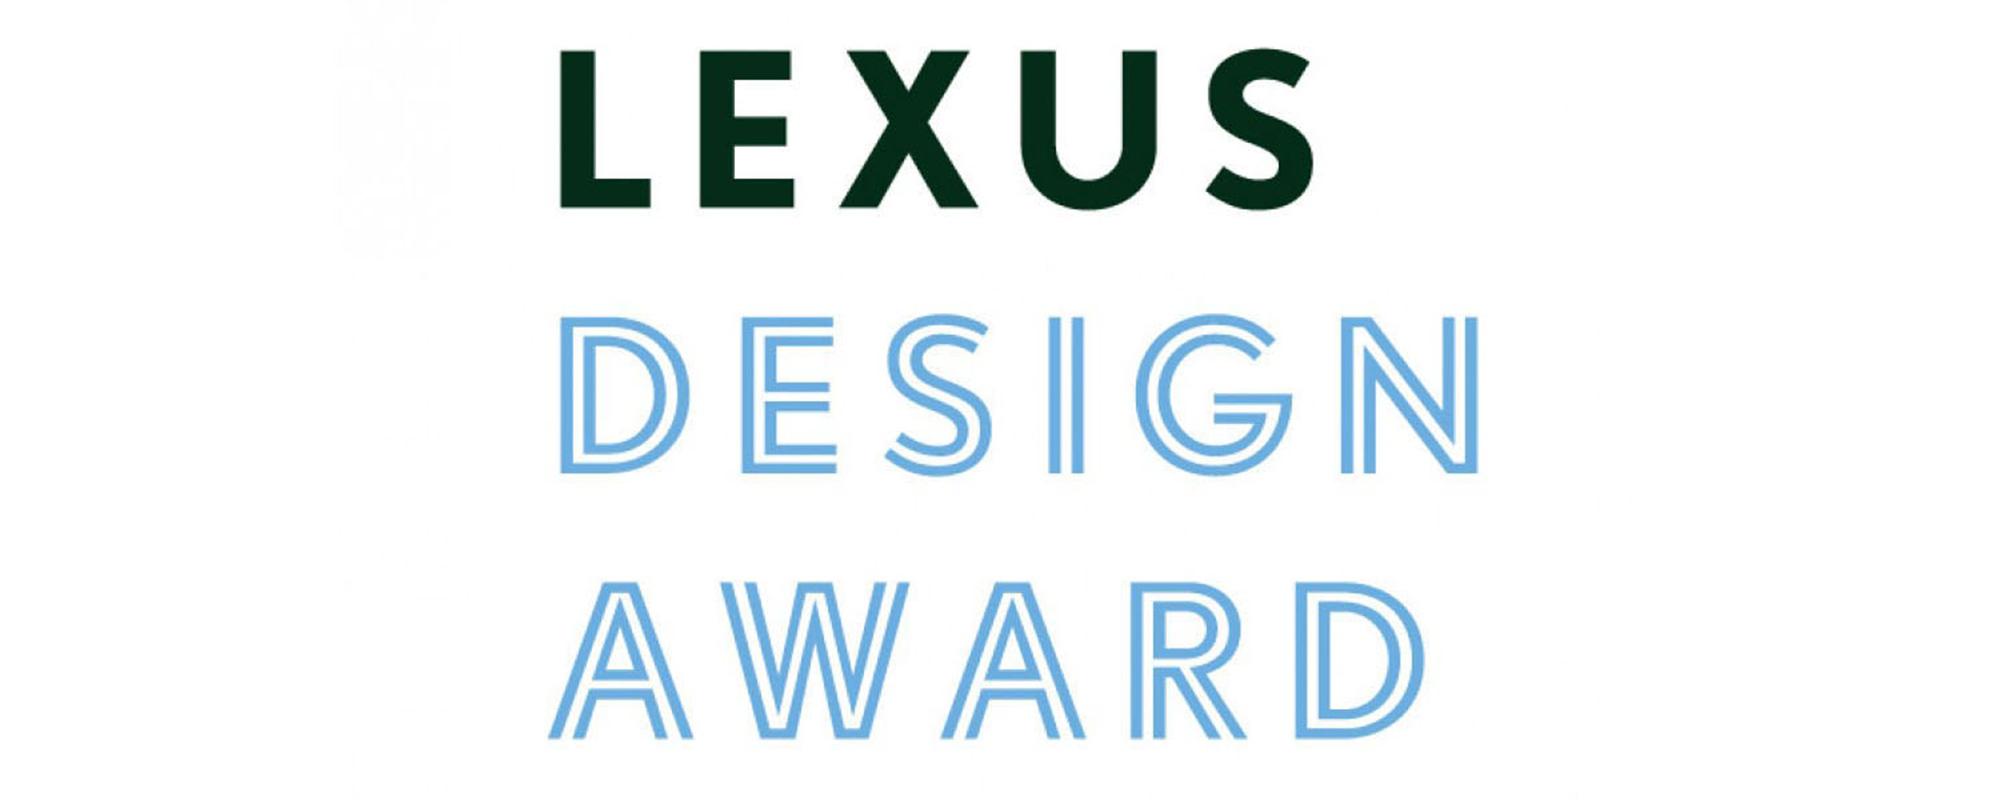 Lexus Design Award: alweer 3e editie designwedstrijd voor jonge ontwerpers